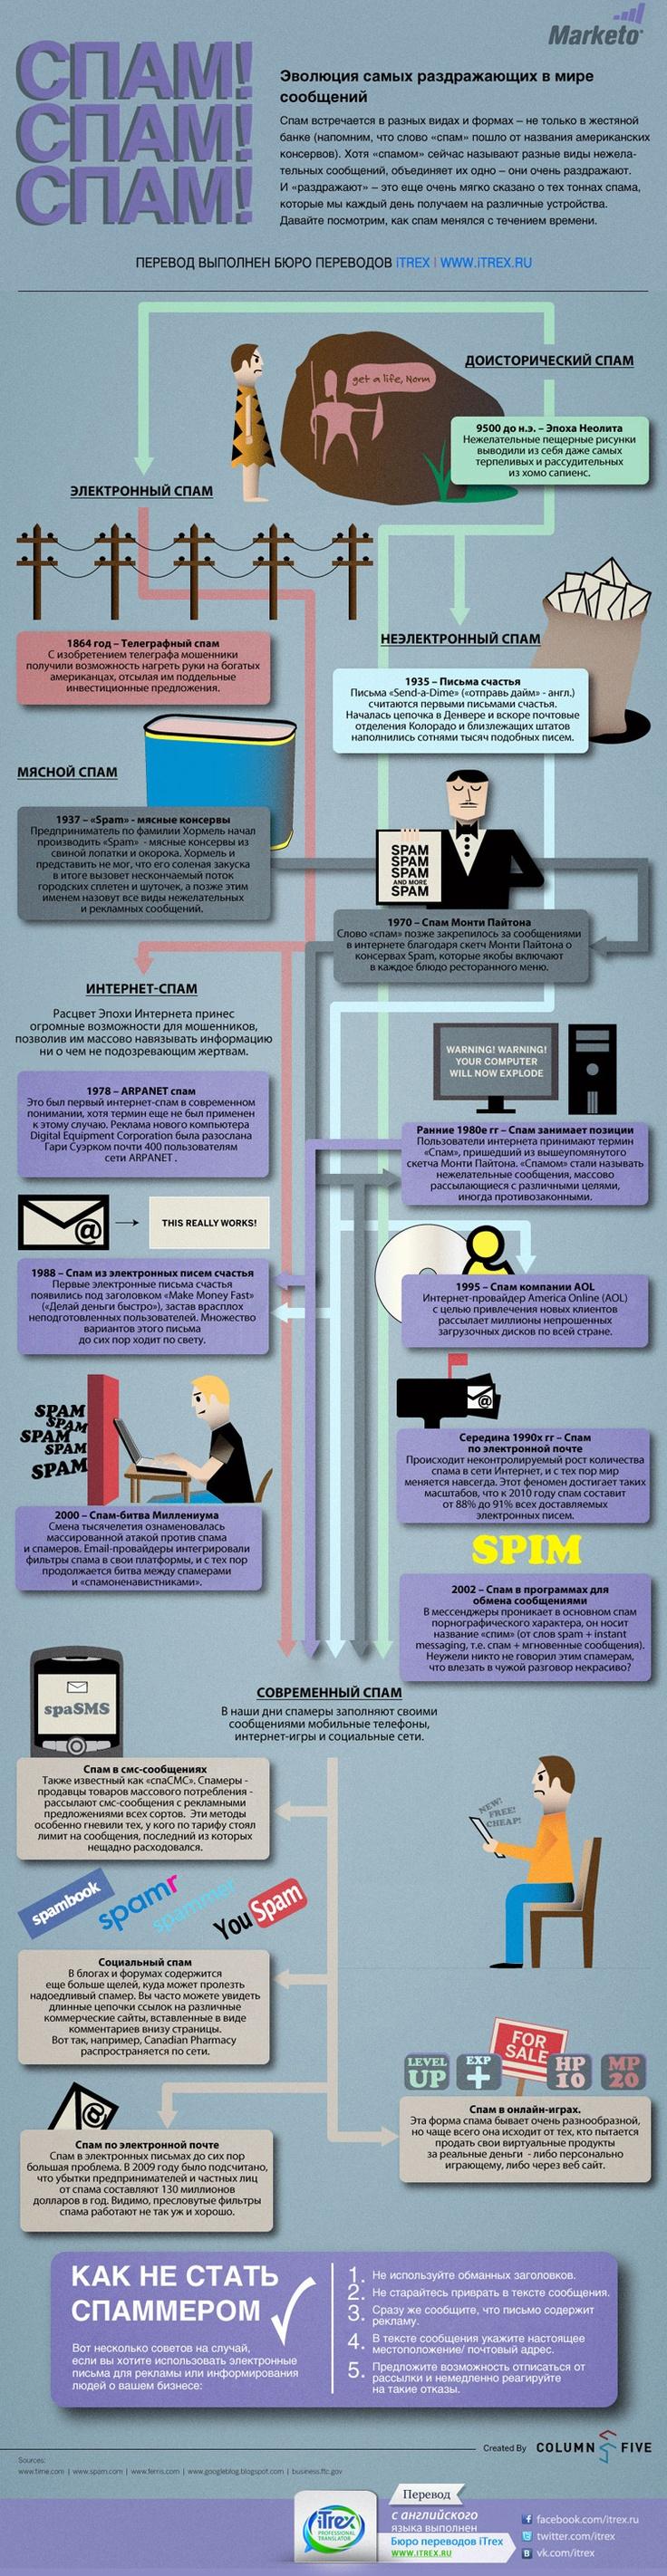 Бюро переводов iTrex: Спам! Спам! Спам! Каждый день на нас вываливают тонны спама. Из-за него частенько может ускользнуть из вида что-то стоящее. Это уже порядком всех достало. И нам кажется, что мы уже все знаем о спаме. Но изначально так назывались мясные консервы! Да-да) Мы подготовили для вас перевод целой истории об эволюции спама. Читайте и просвещайтесь.